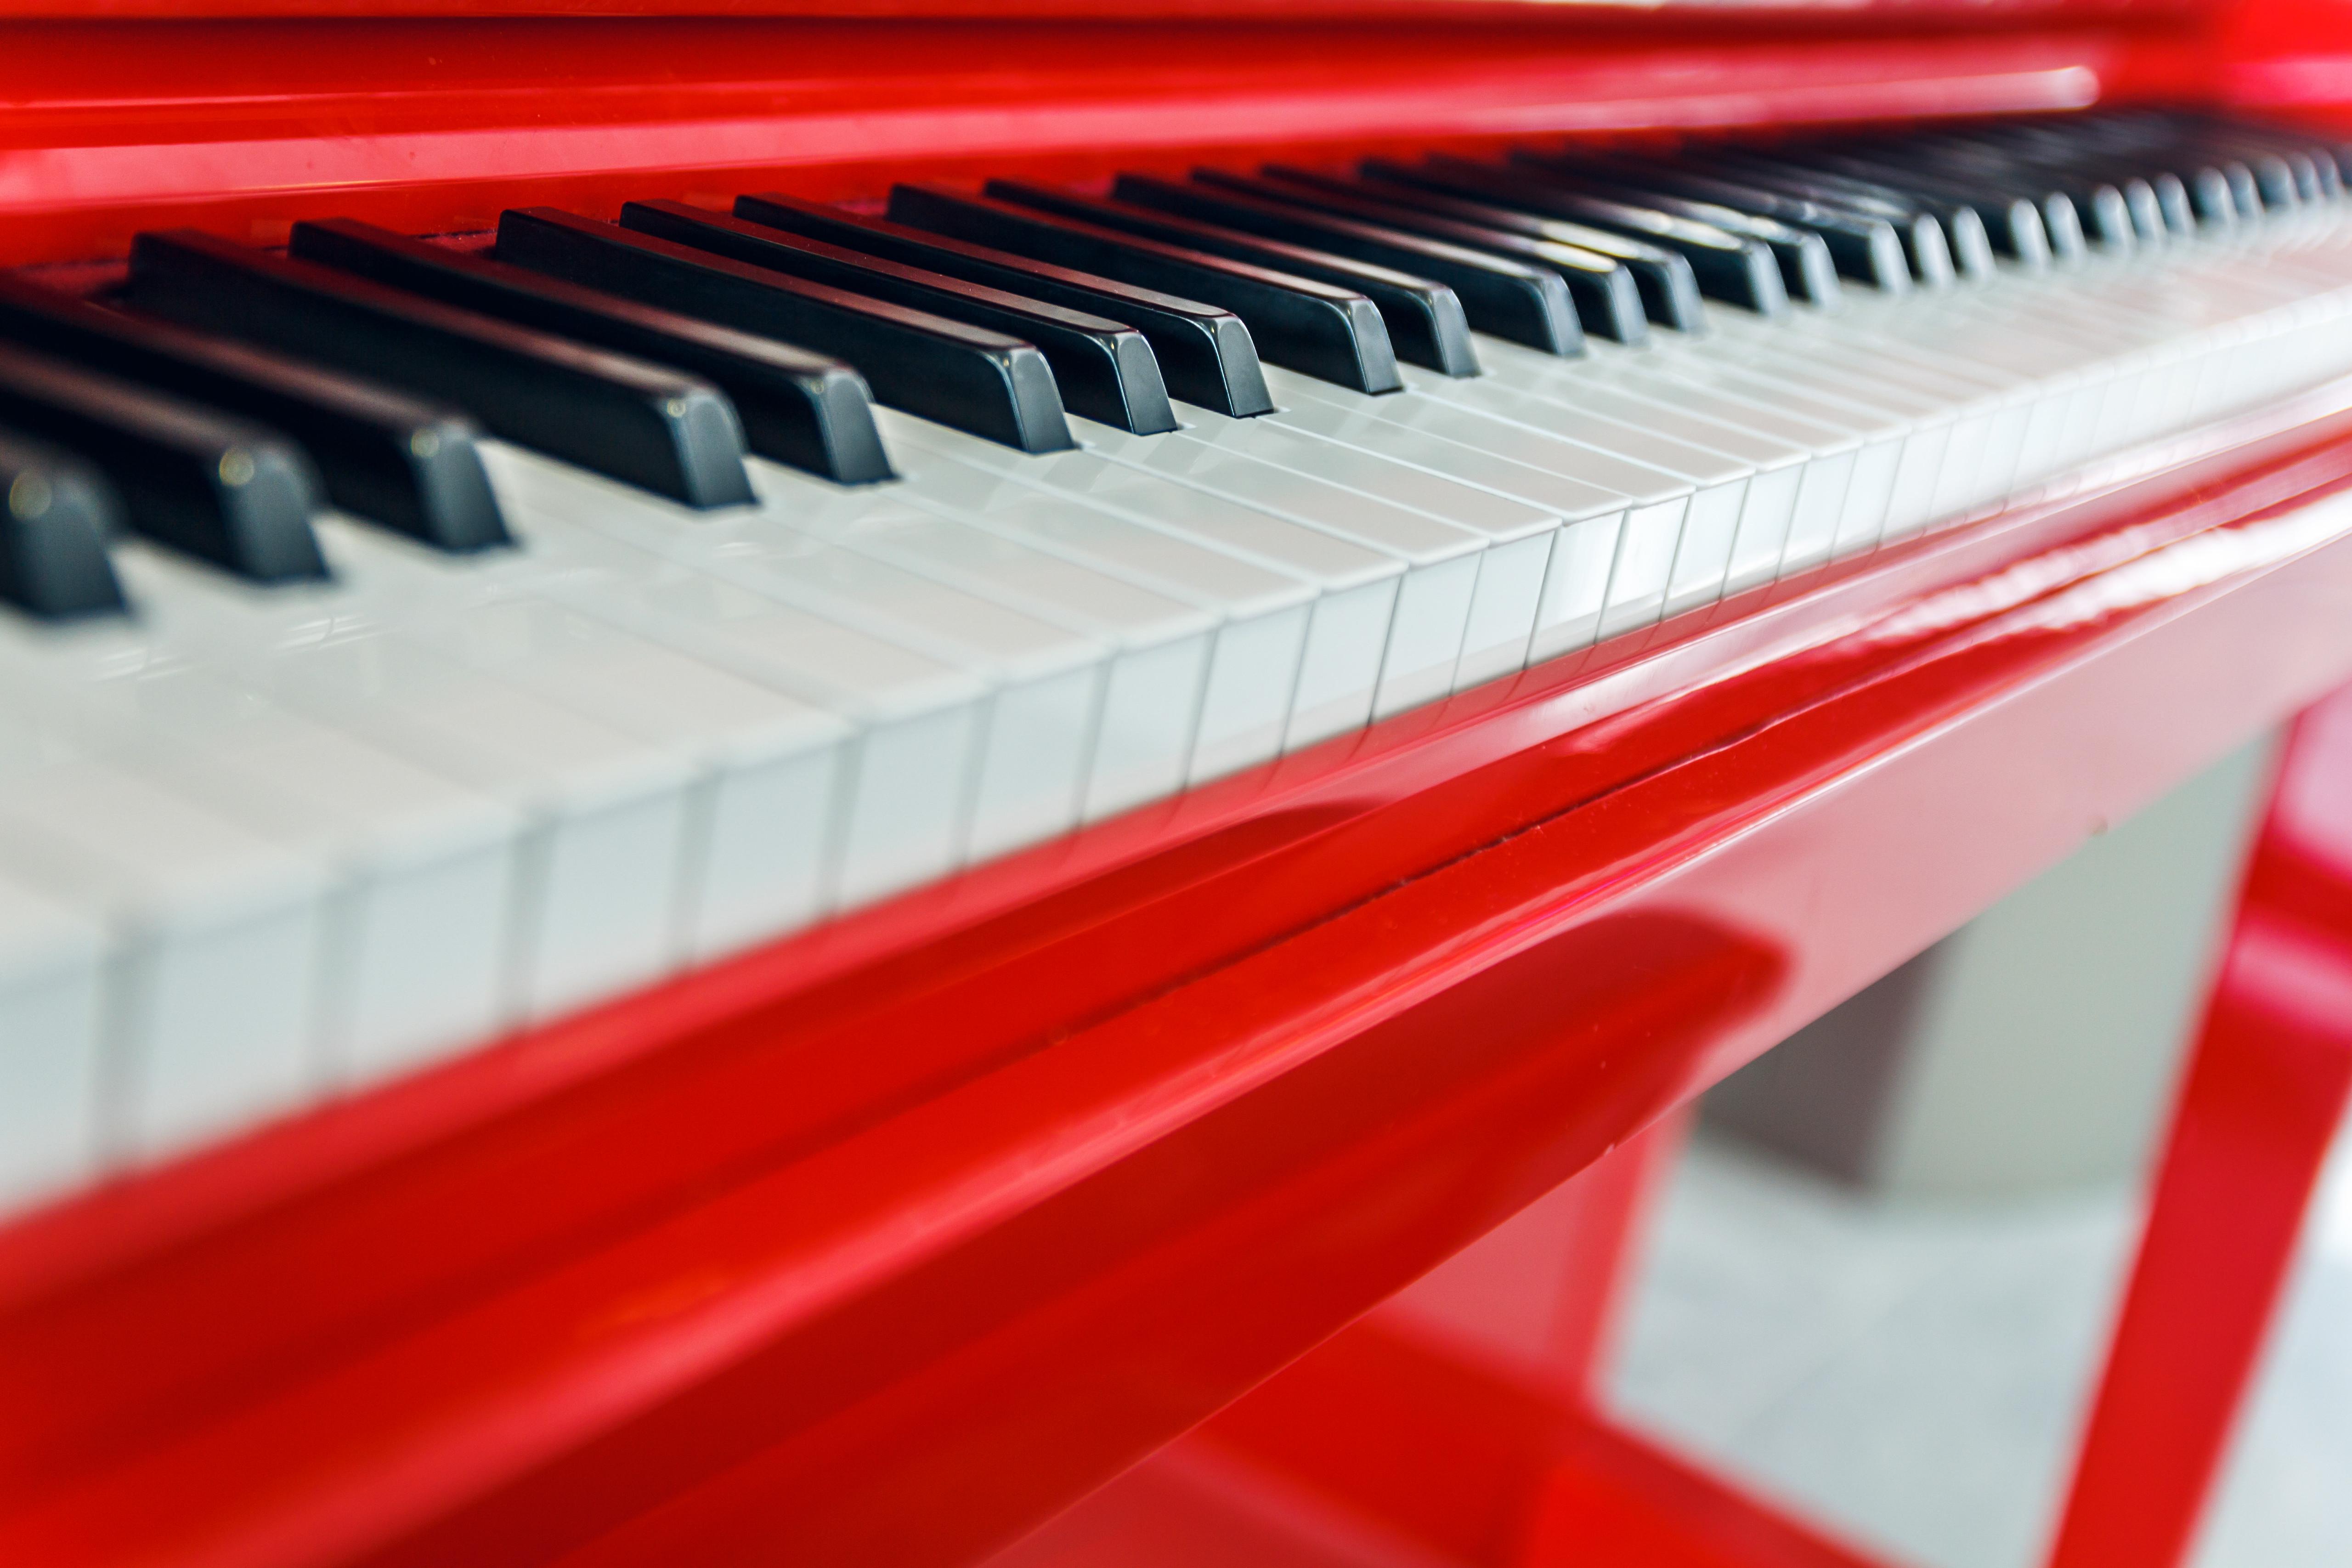 76635 скачать обои Музыка, Пианино, Макро, Красный, Клавиши - заставки и картинки бесплатно